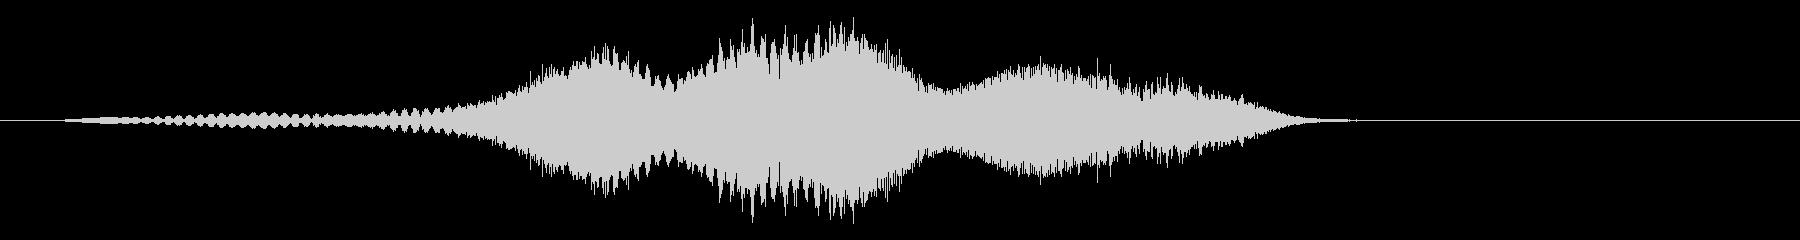 厳しいボーカル降順パスバイ-ダブルの未再生の波形